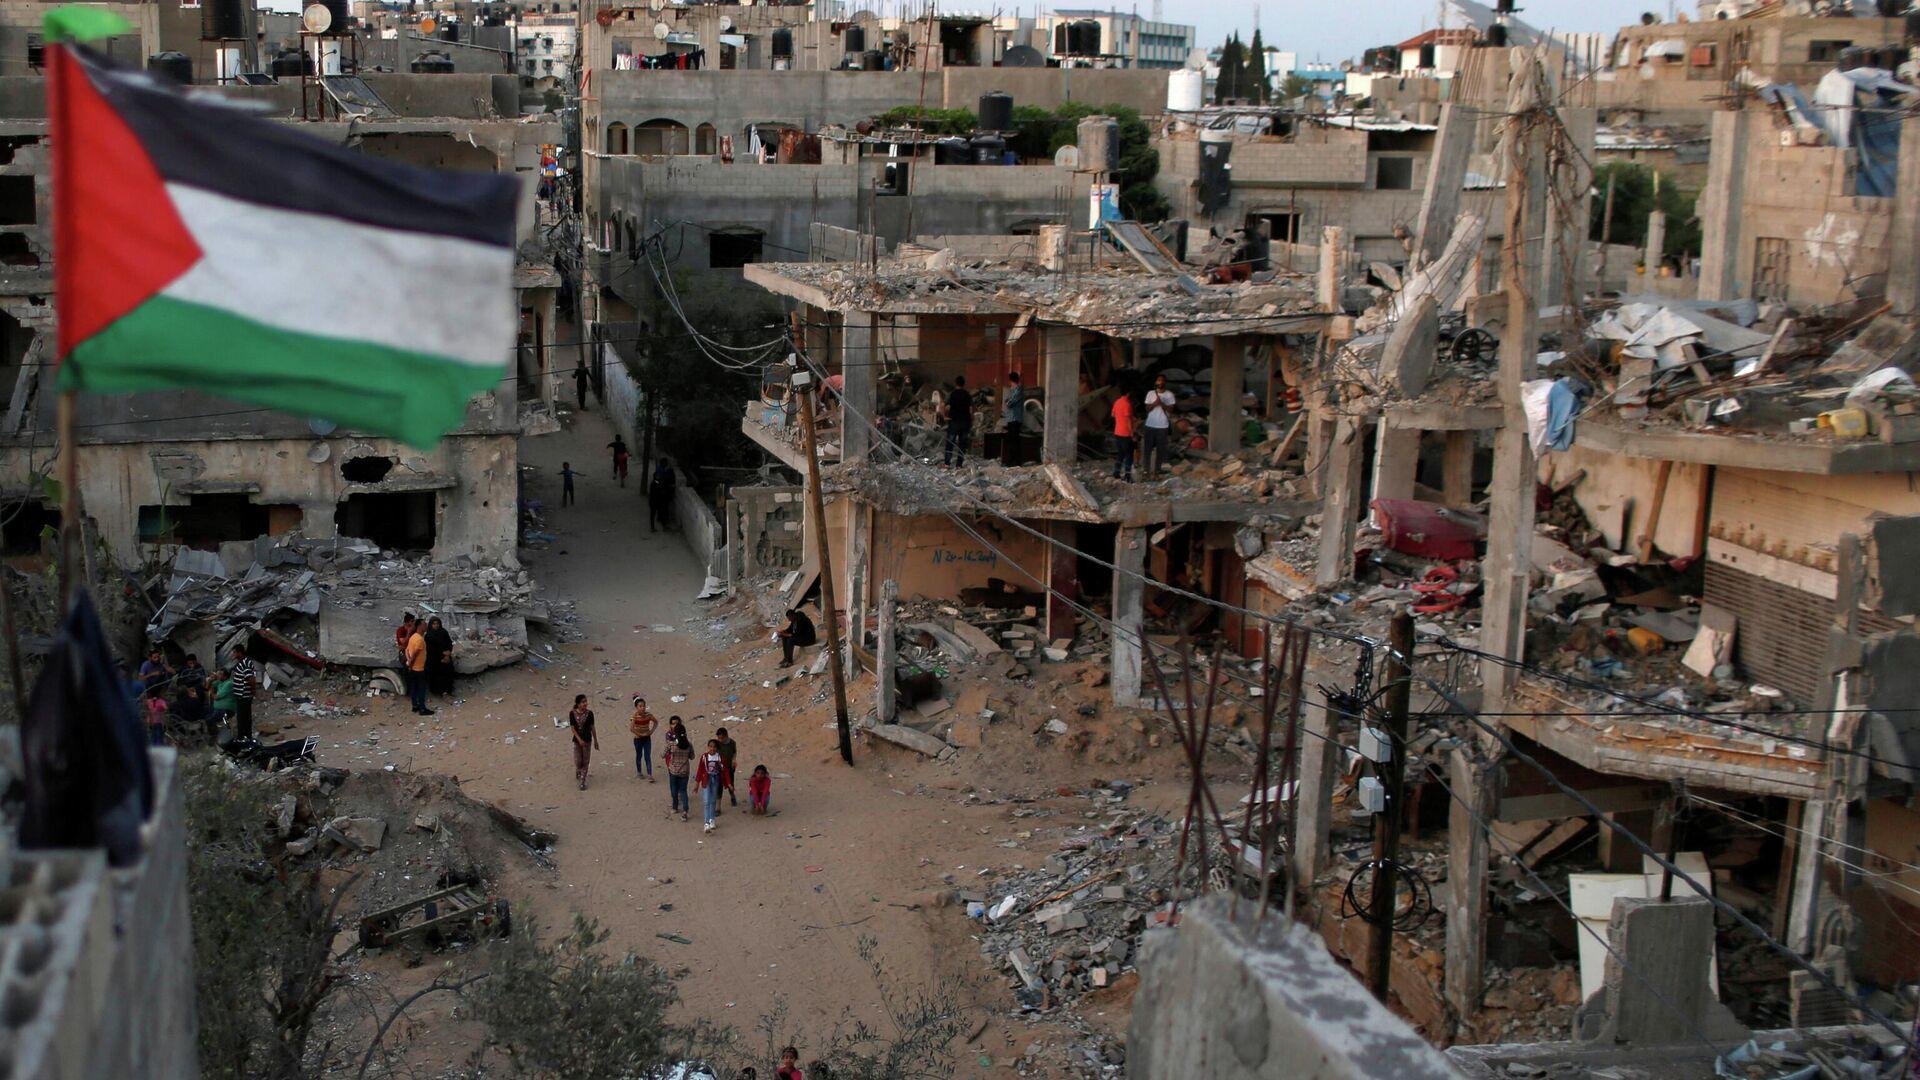 Unos hogares palestinos destruidos en Franja de Gaza  - Sputnik Mundo, 1920, 16.06.2021